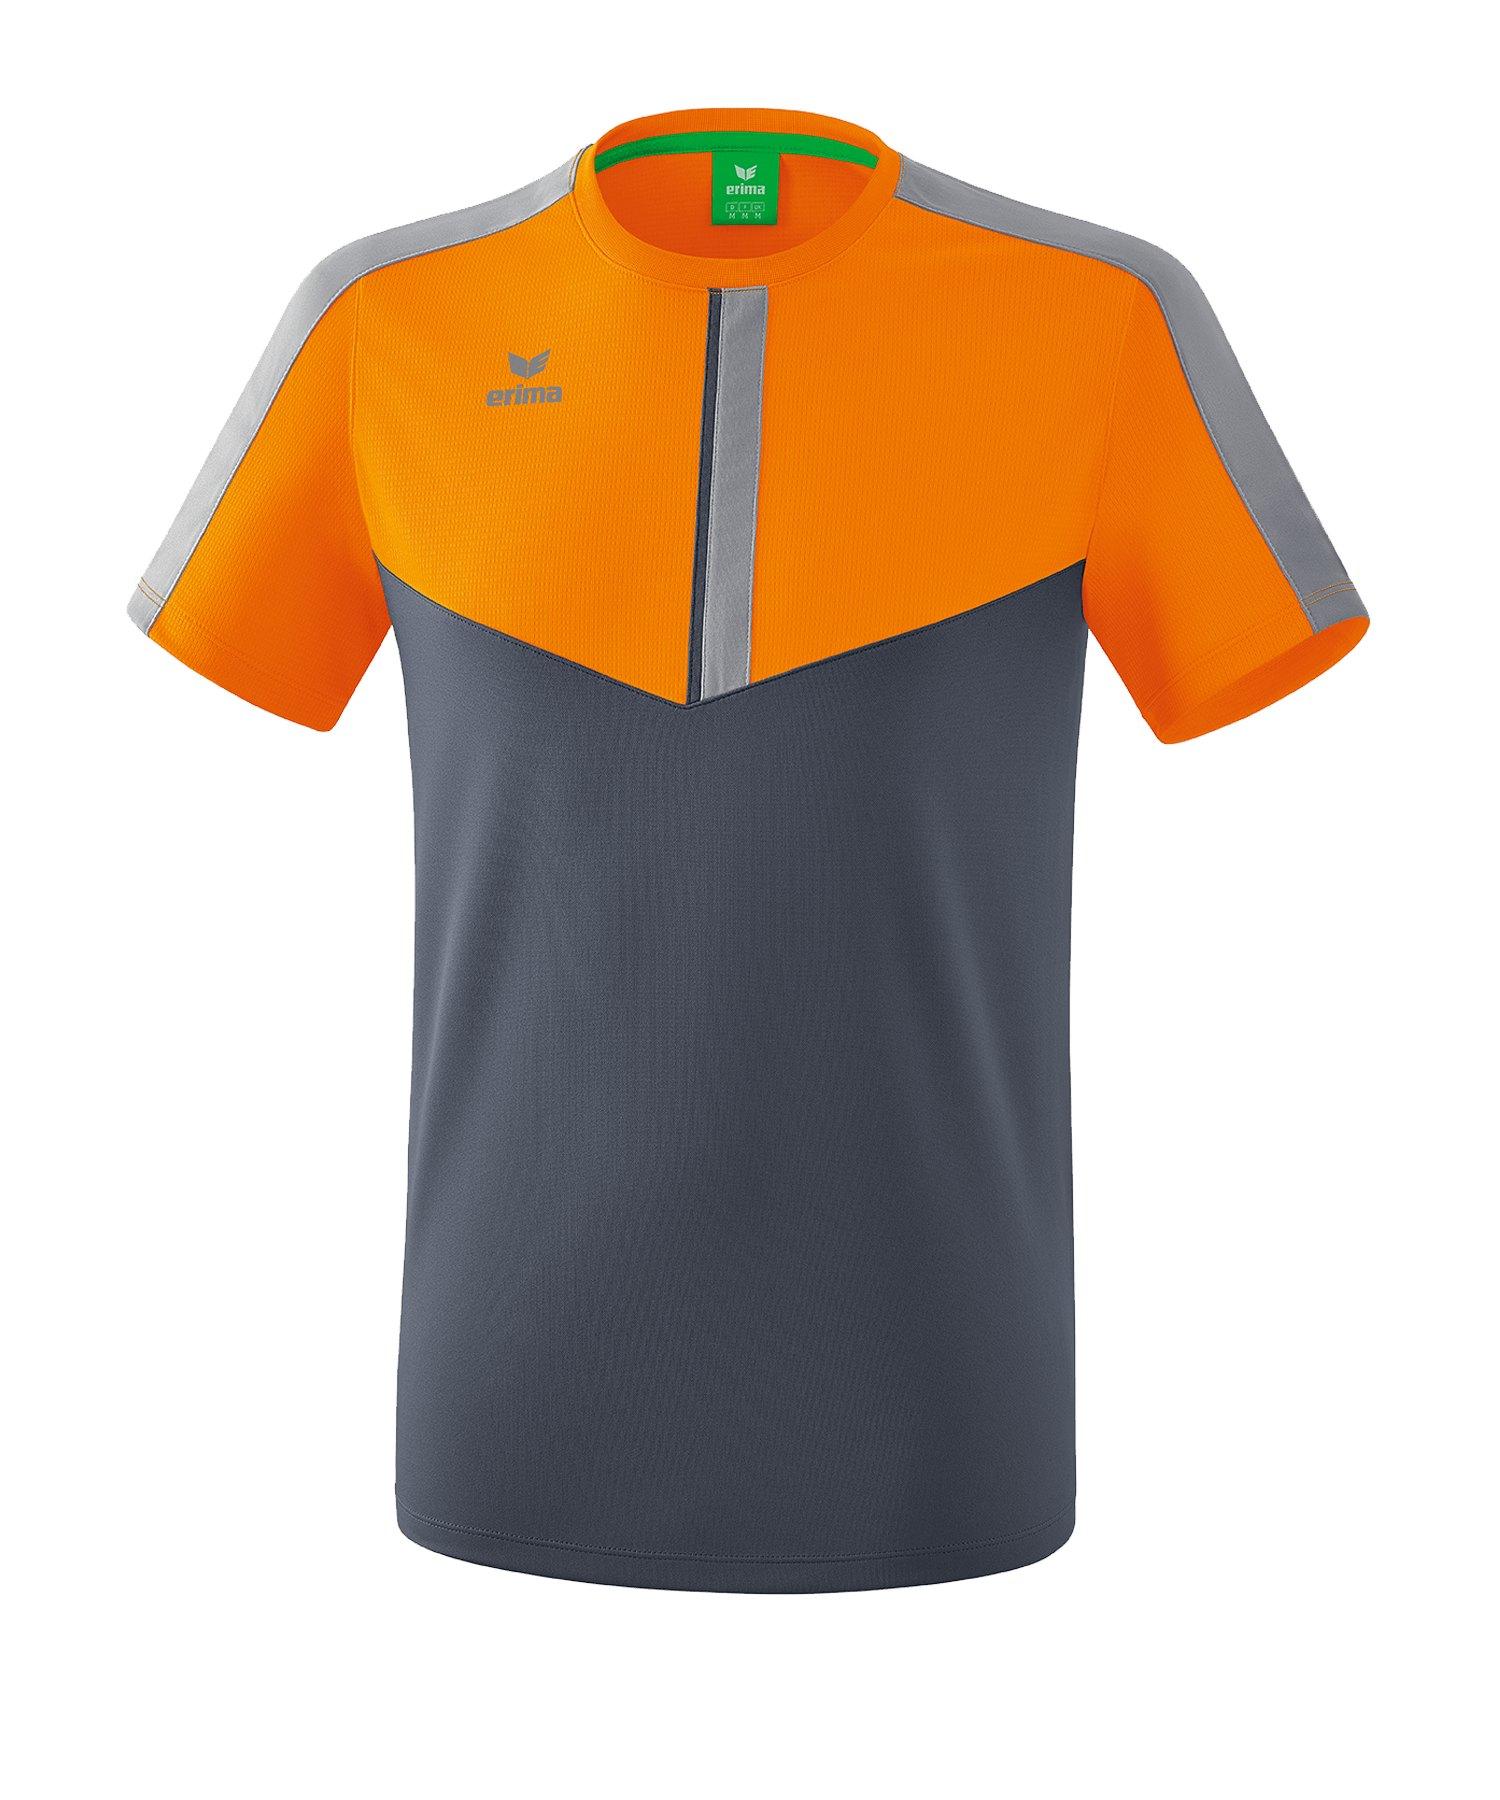 Erima Squad T-Shirt Orange Grau - orange